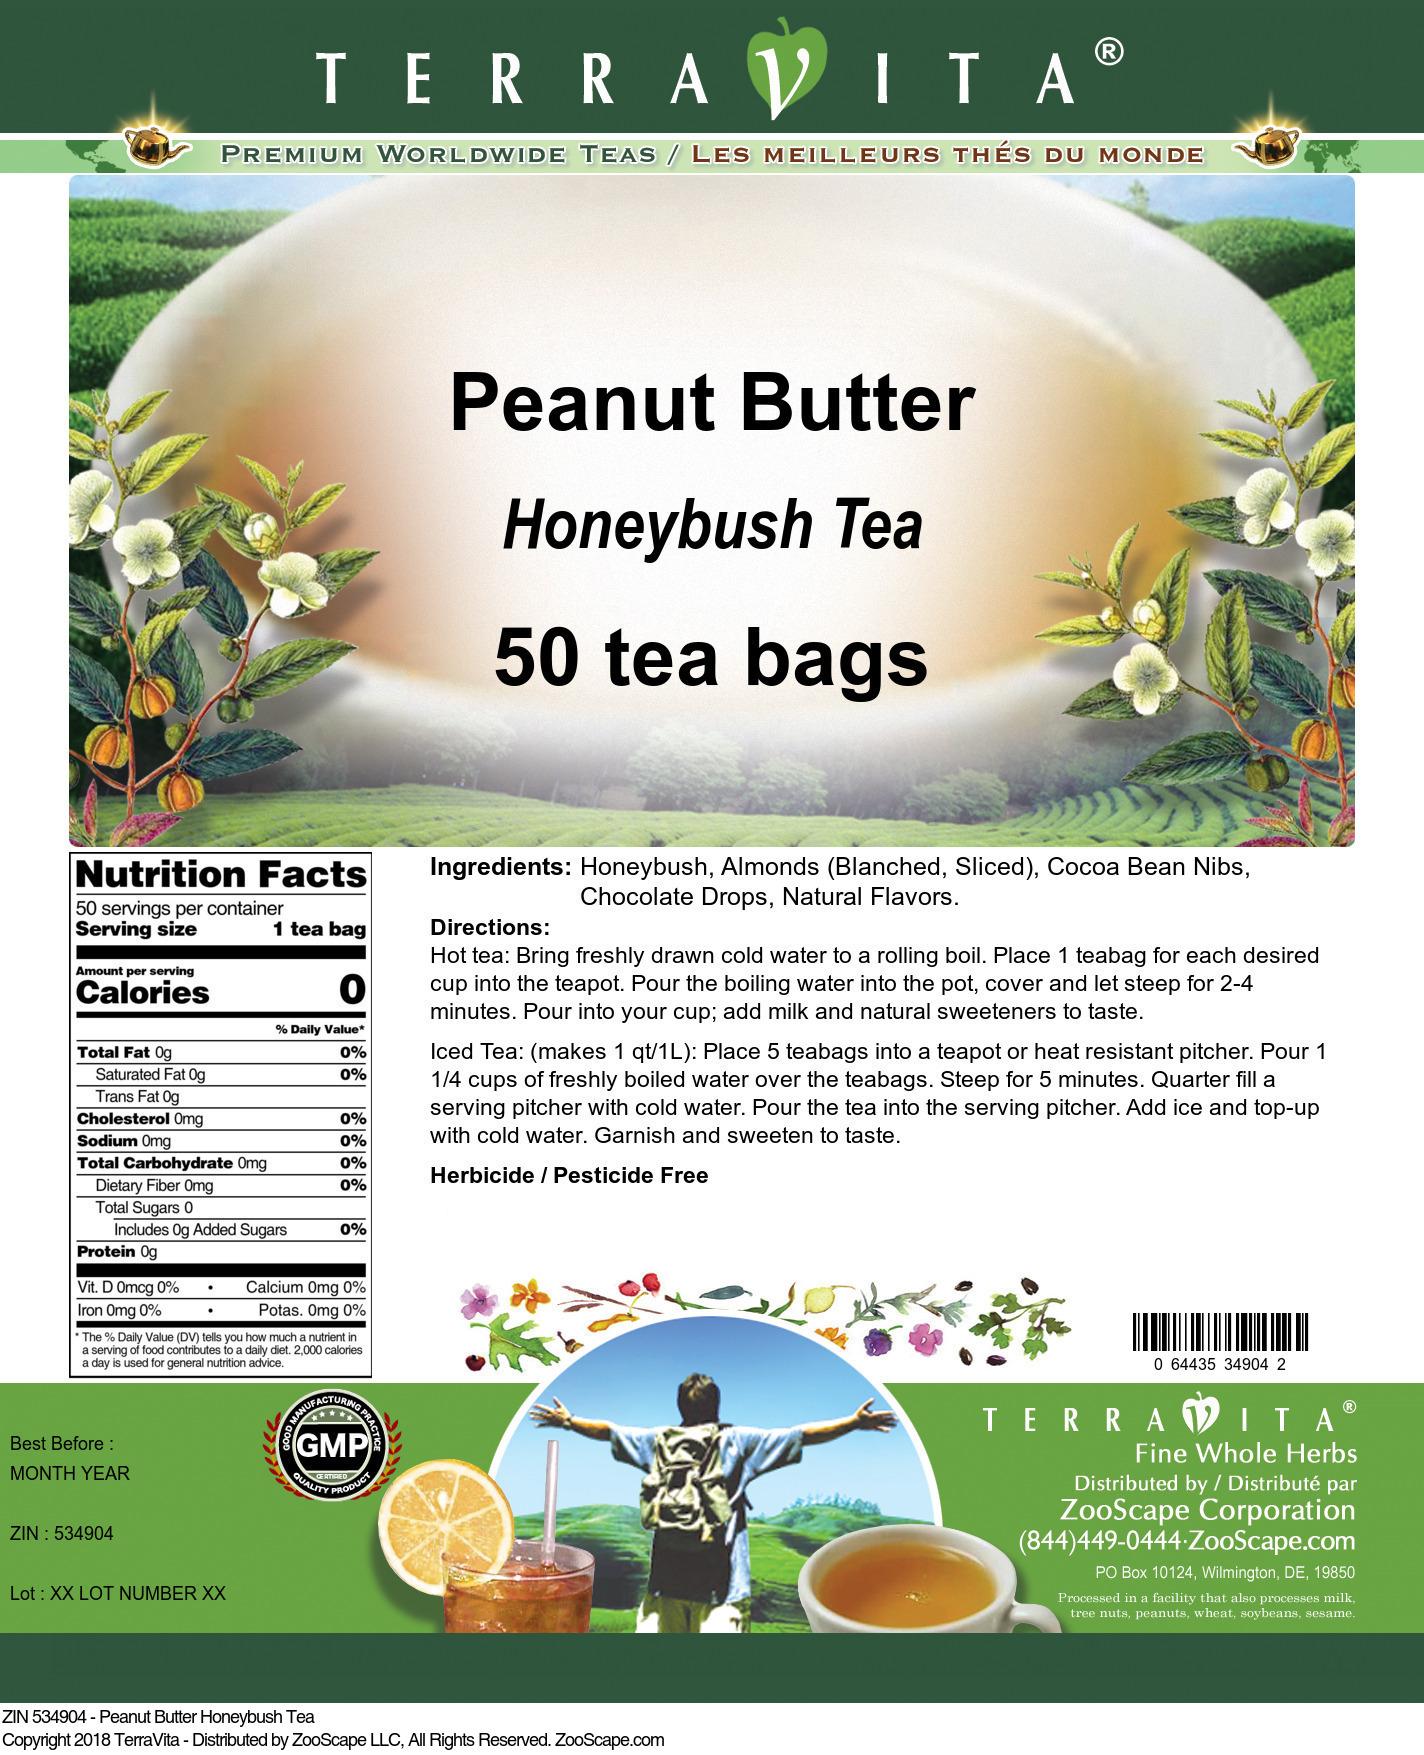 Peanut Butter Honeybush Tea